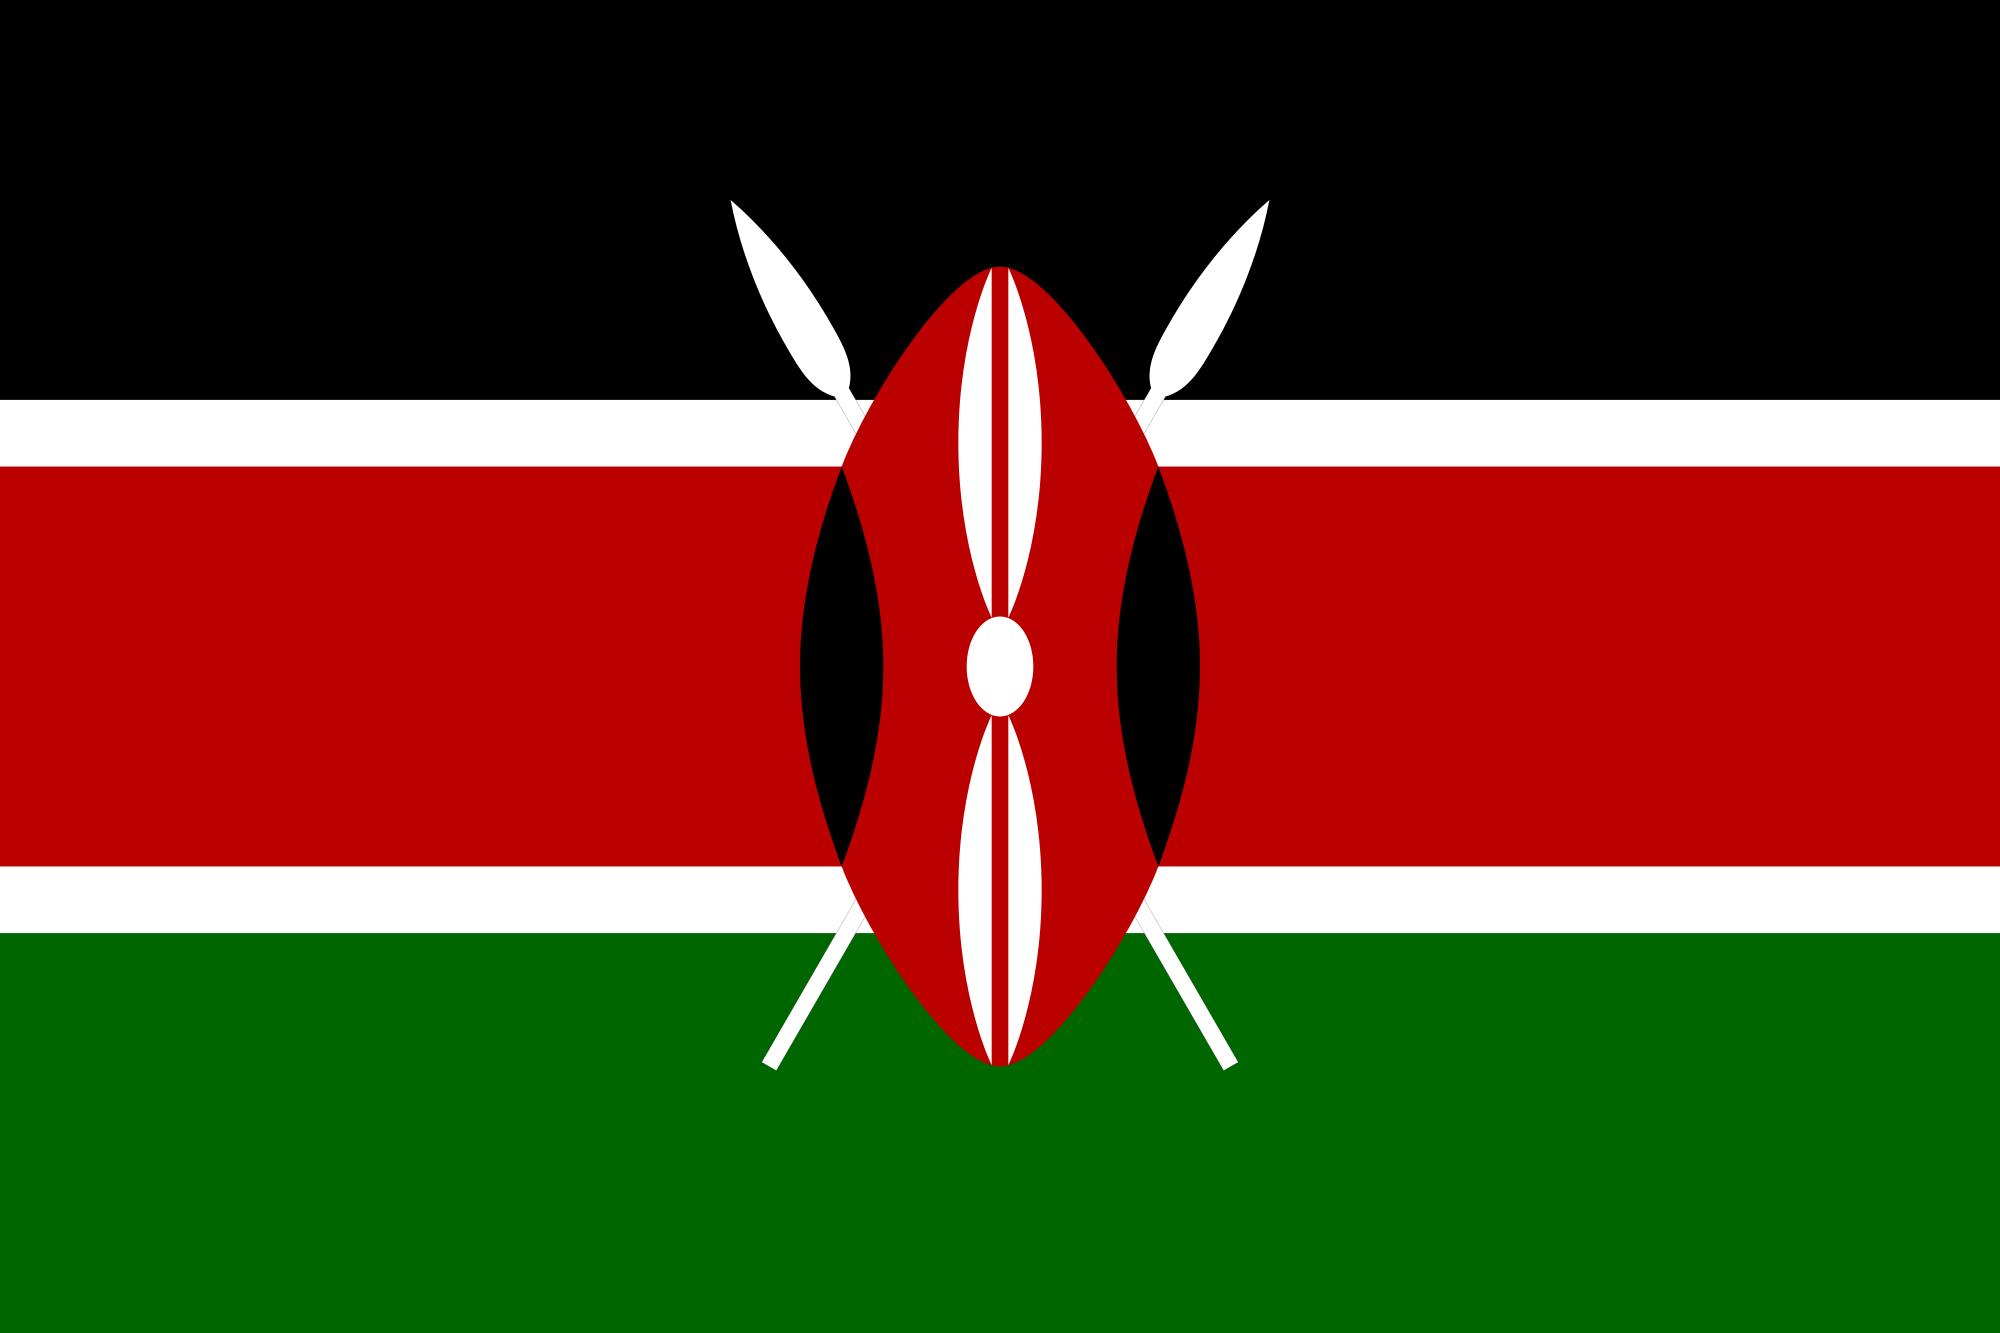 Flag_of_Kenya.svg